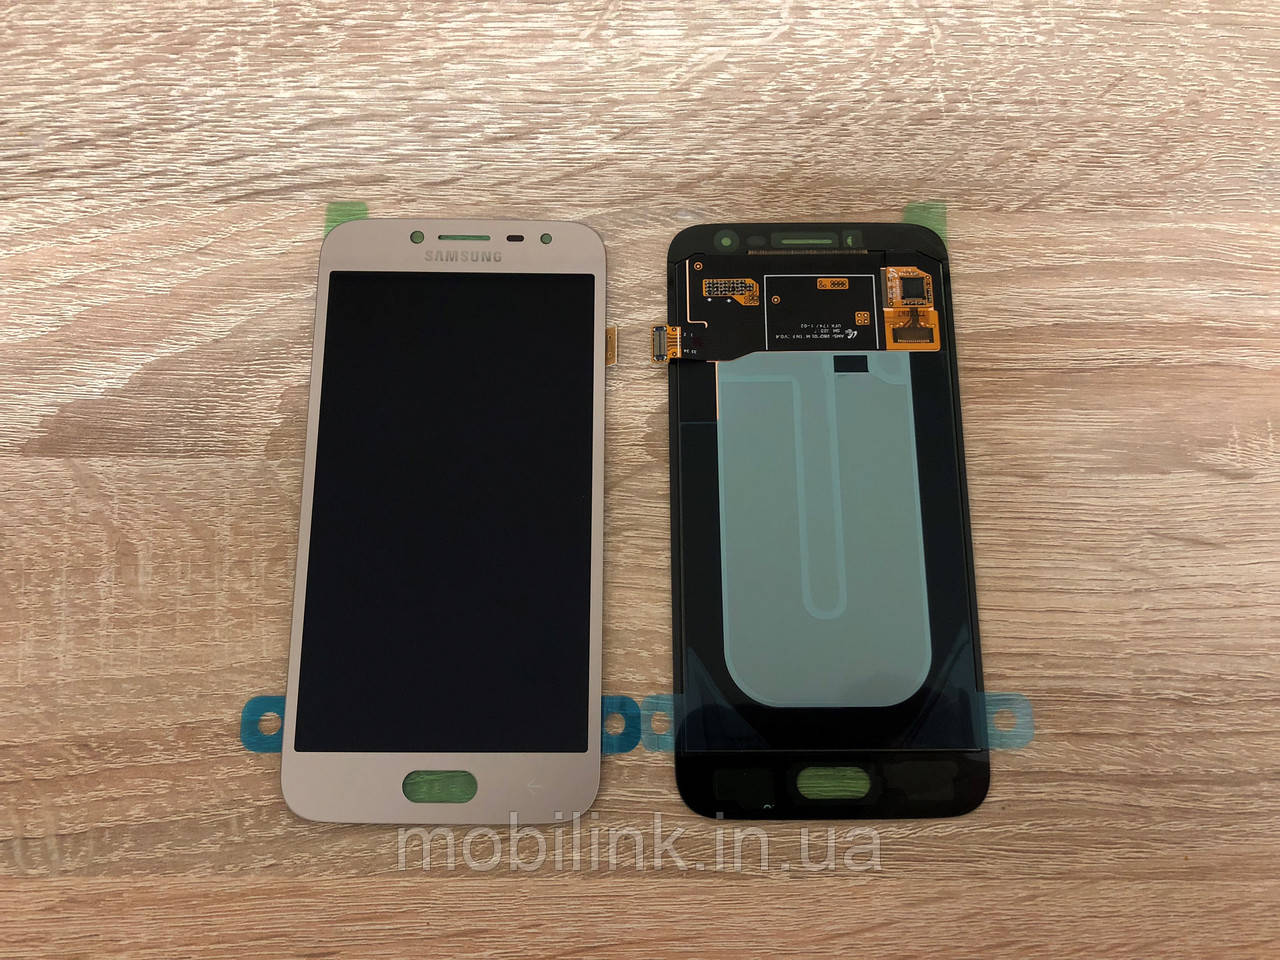 Дисплей на Samsung J250 Galaxy J2(2018) Золото(Gold), GH97-21339D , Super AMOLED!